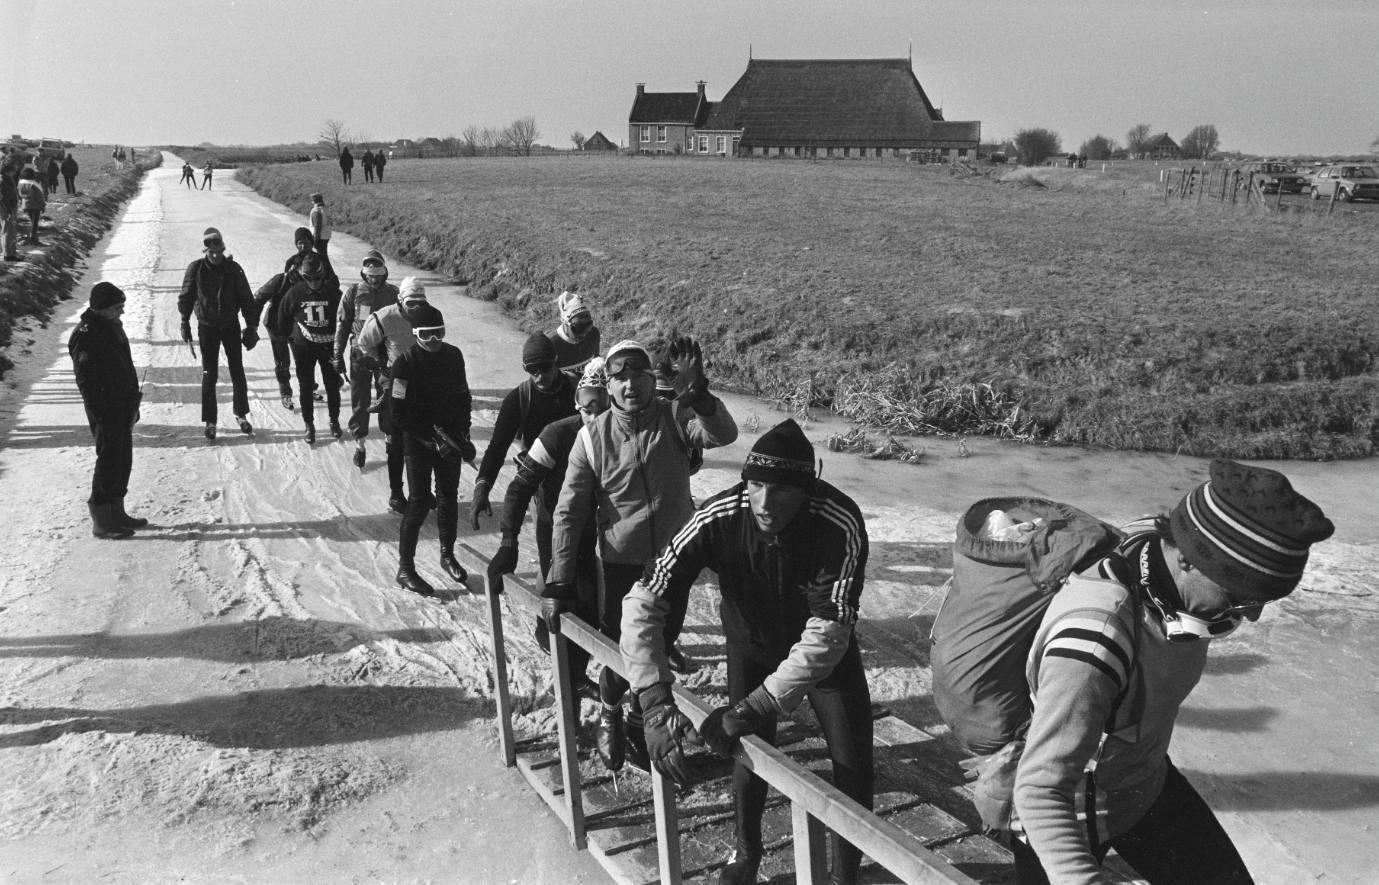 Foto gemaakt tijdens de Elfstedentocht van 1986. Een stukje klunen in de buurt van Franeker